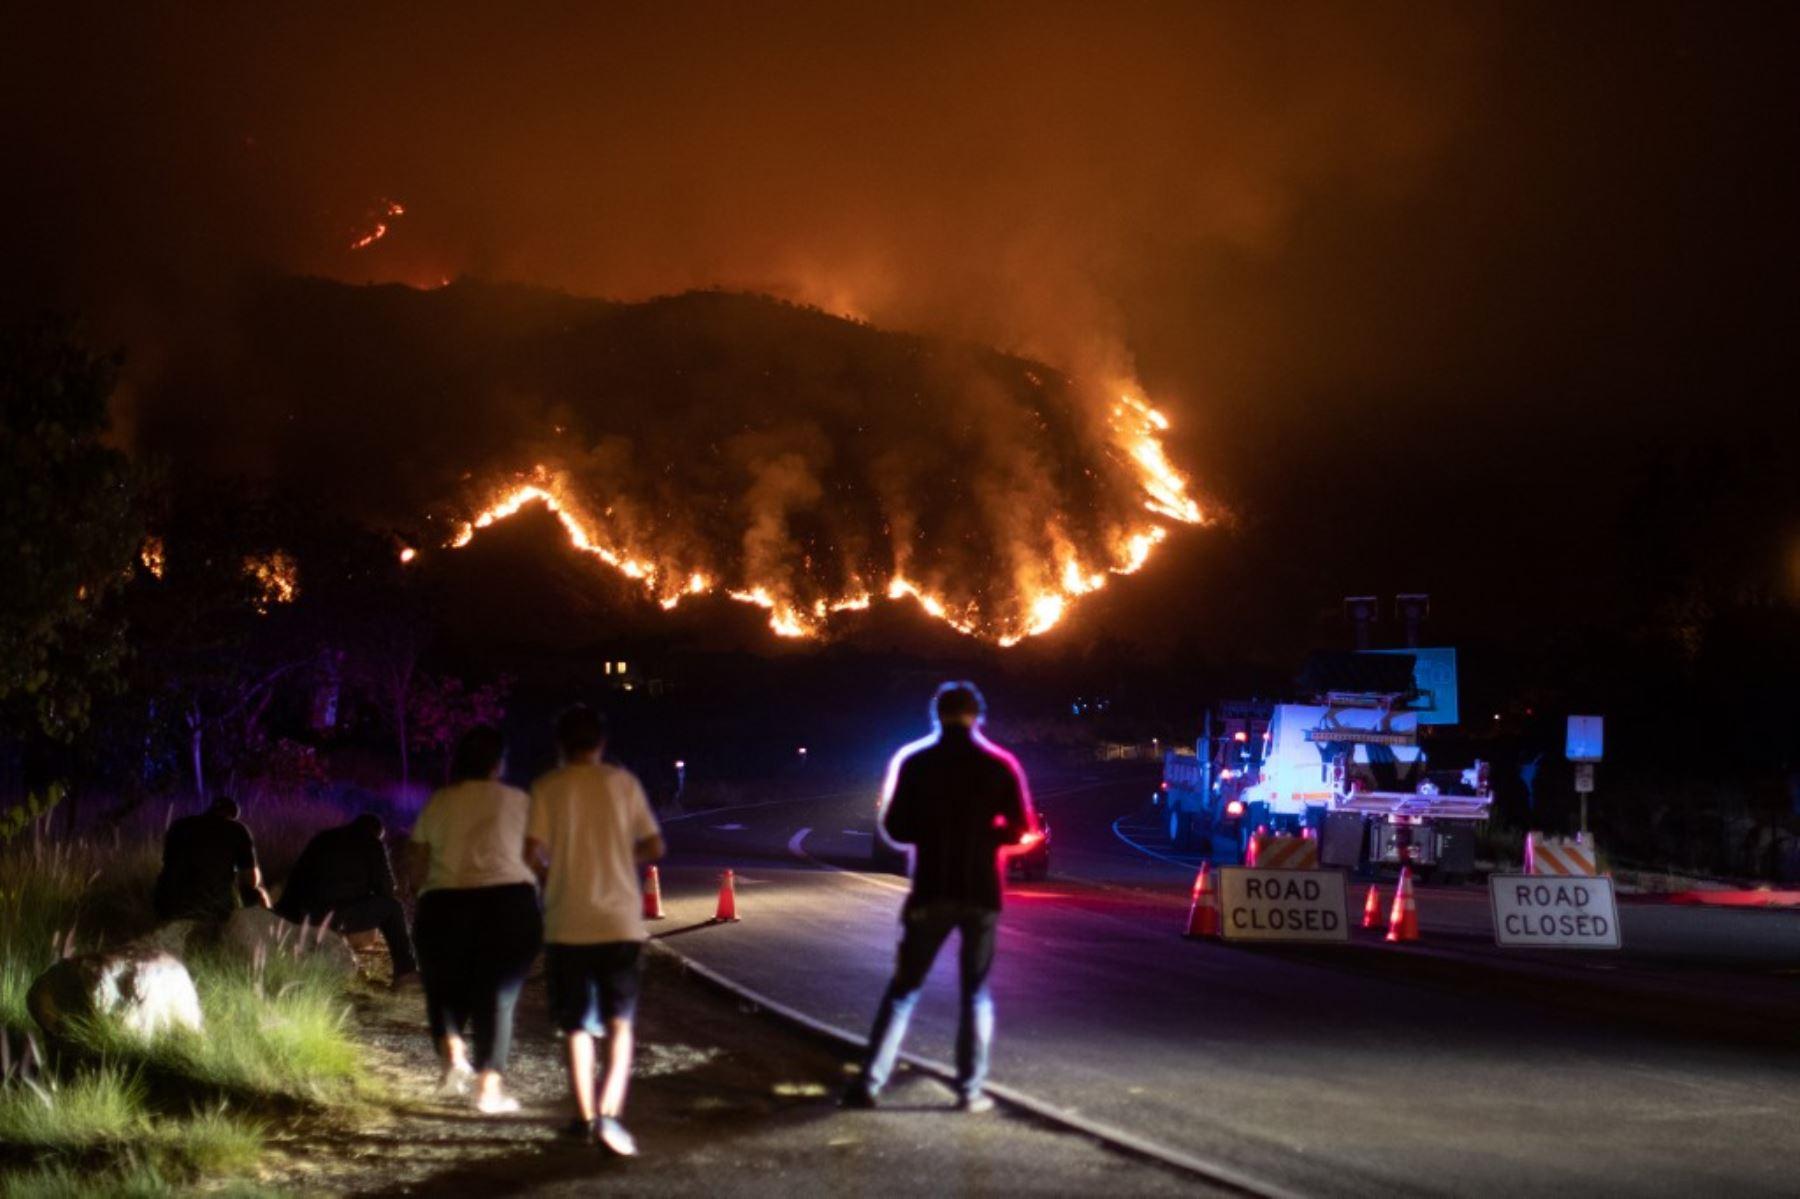 La gente observa el humo y las llamas que se elevan desde el incendio del rancho en las montañas de San Gabriel sobre Azusa, a 25 millas al este de Los Ángeles, California. Foto: AFP